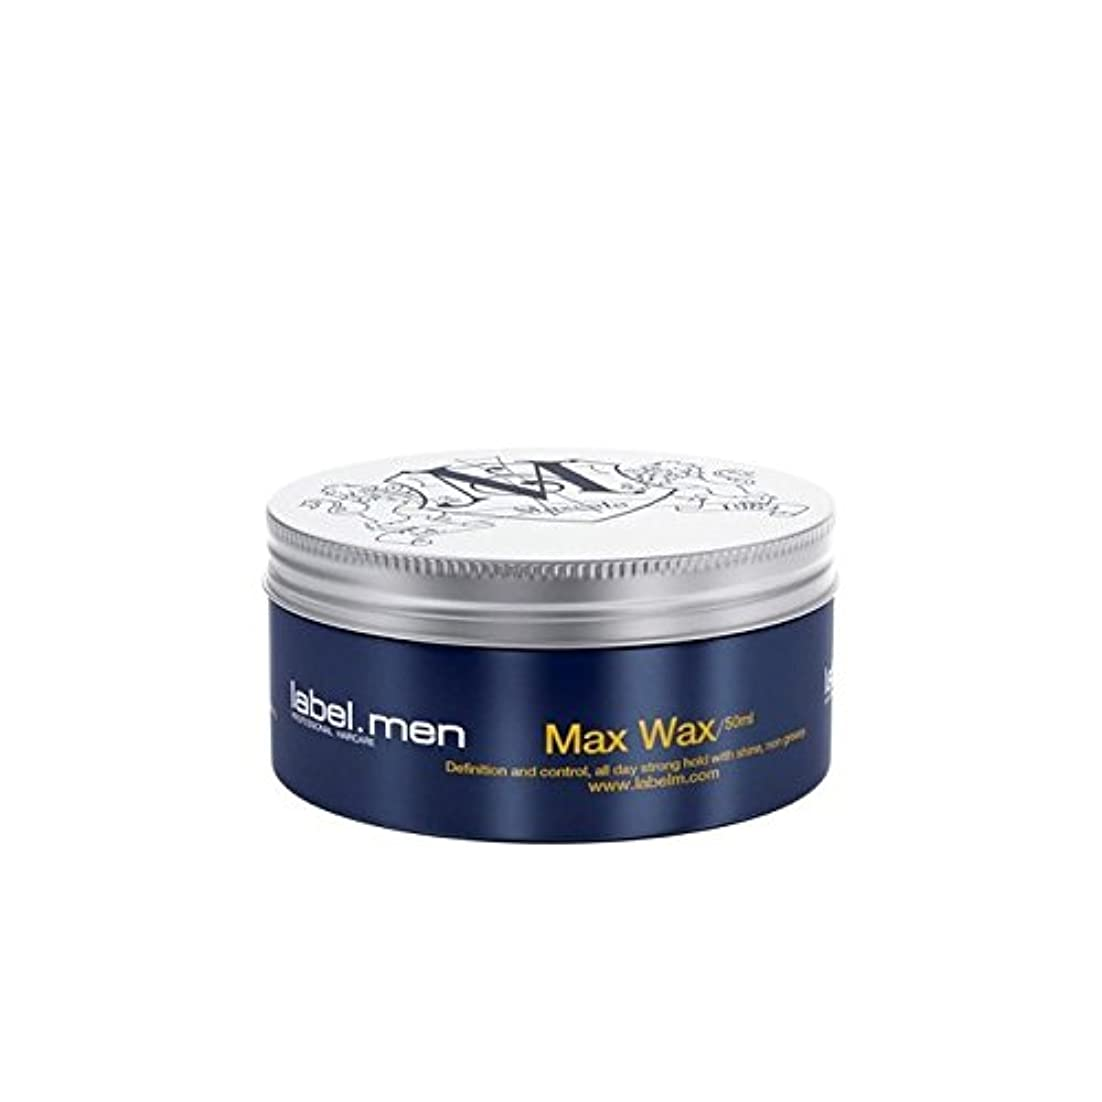 植生狼行列.マックスワックス(50ミリリットル) x4 - Label.Men Max Wax (50ml) (Pack of 4) [並行輸入品]